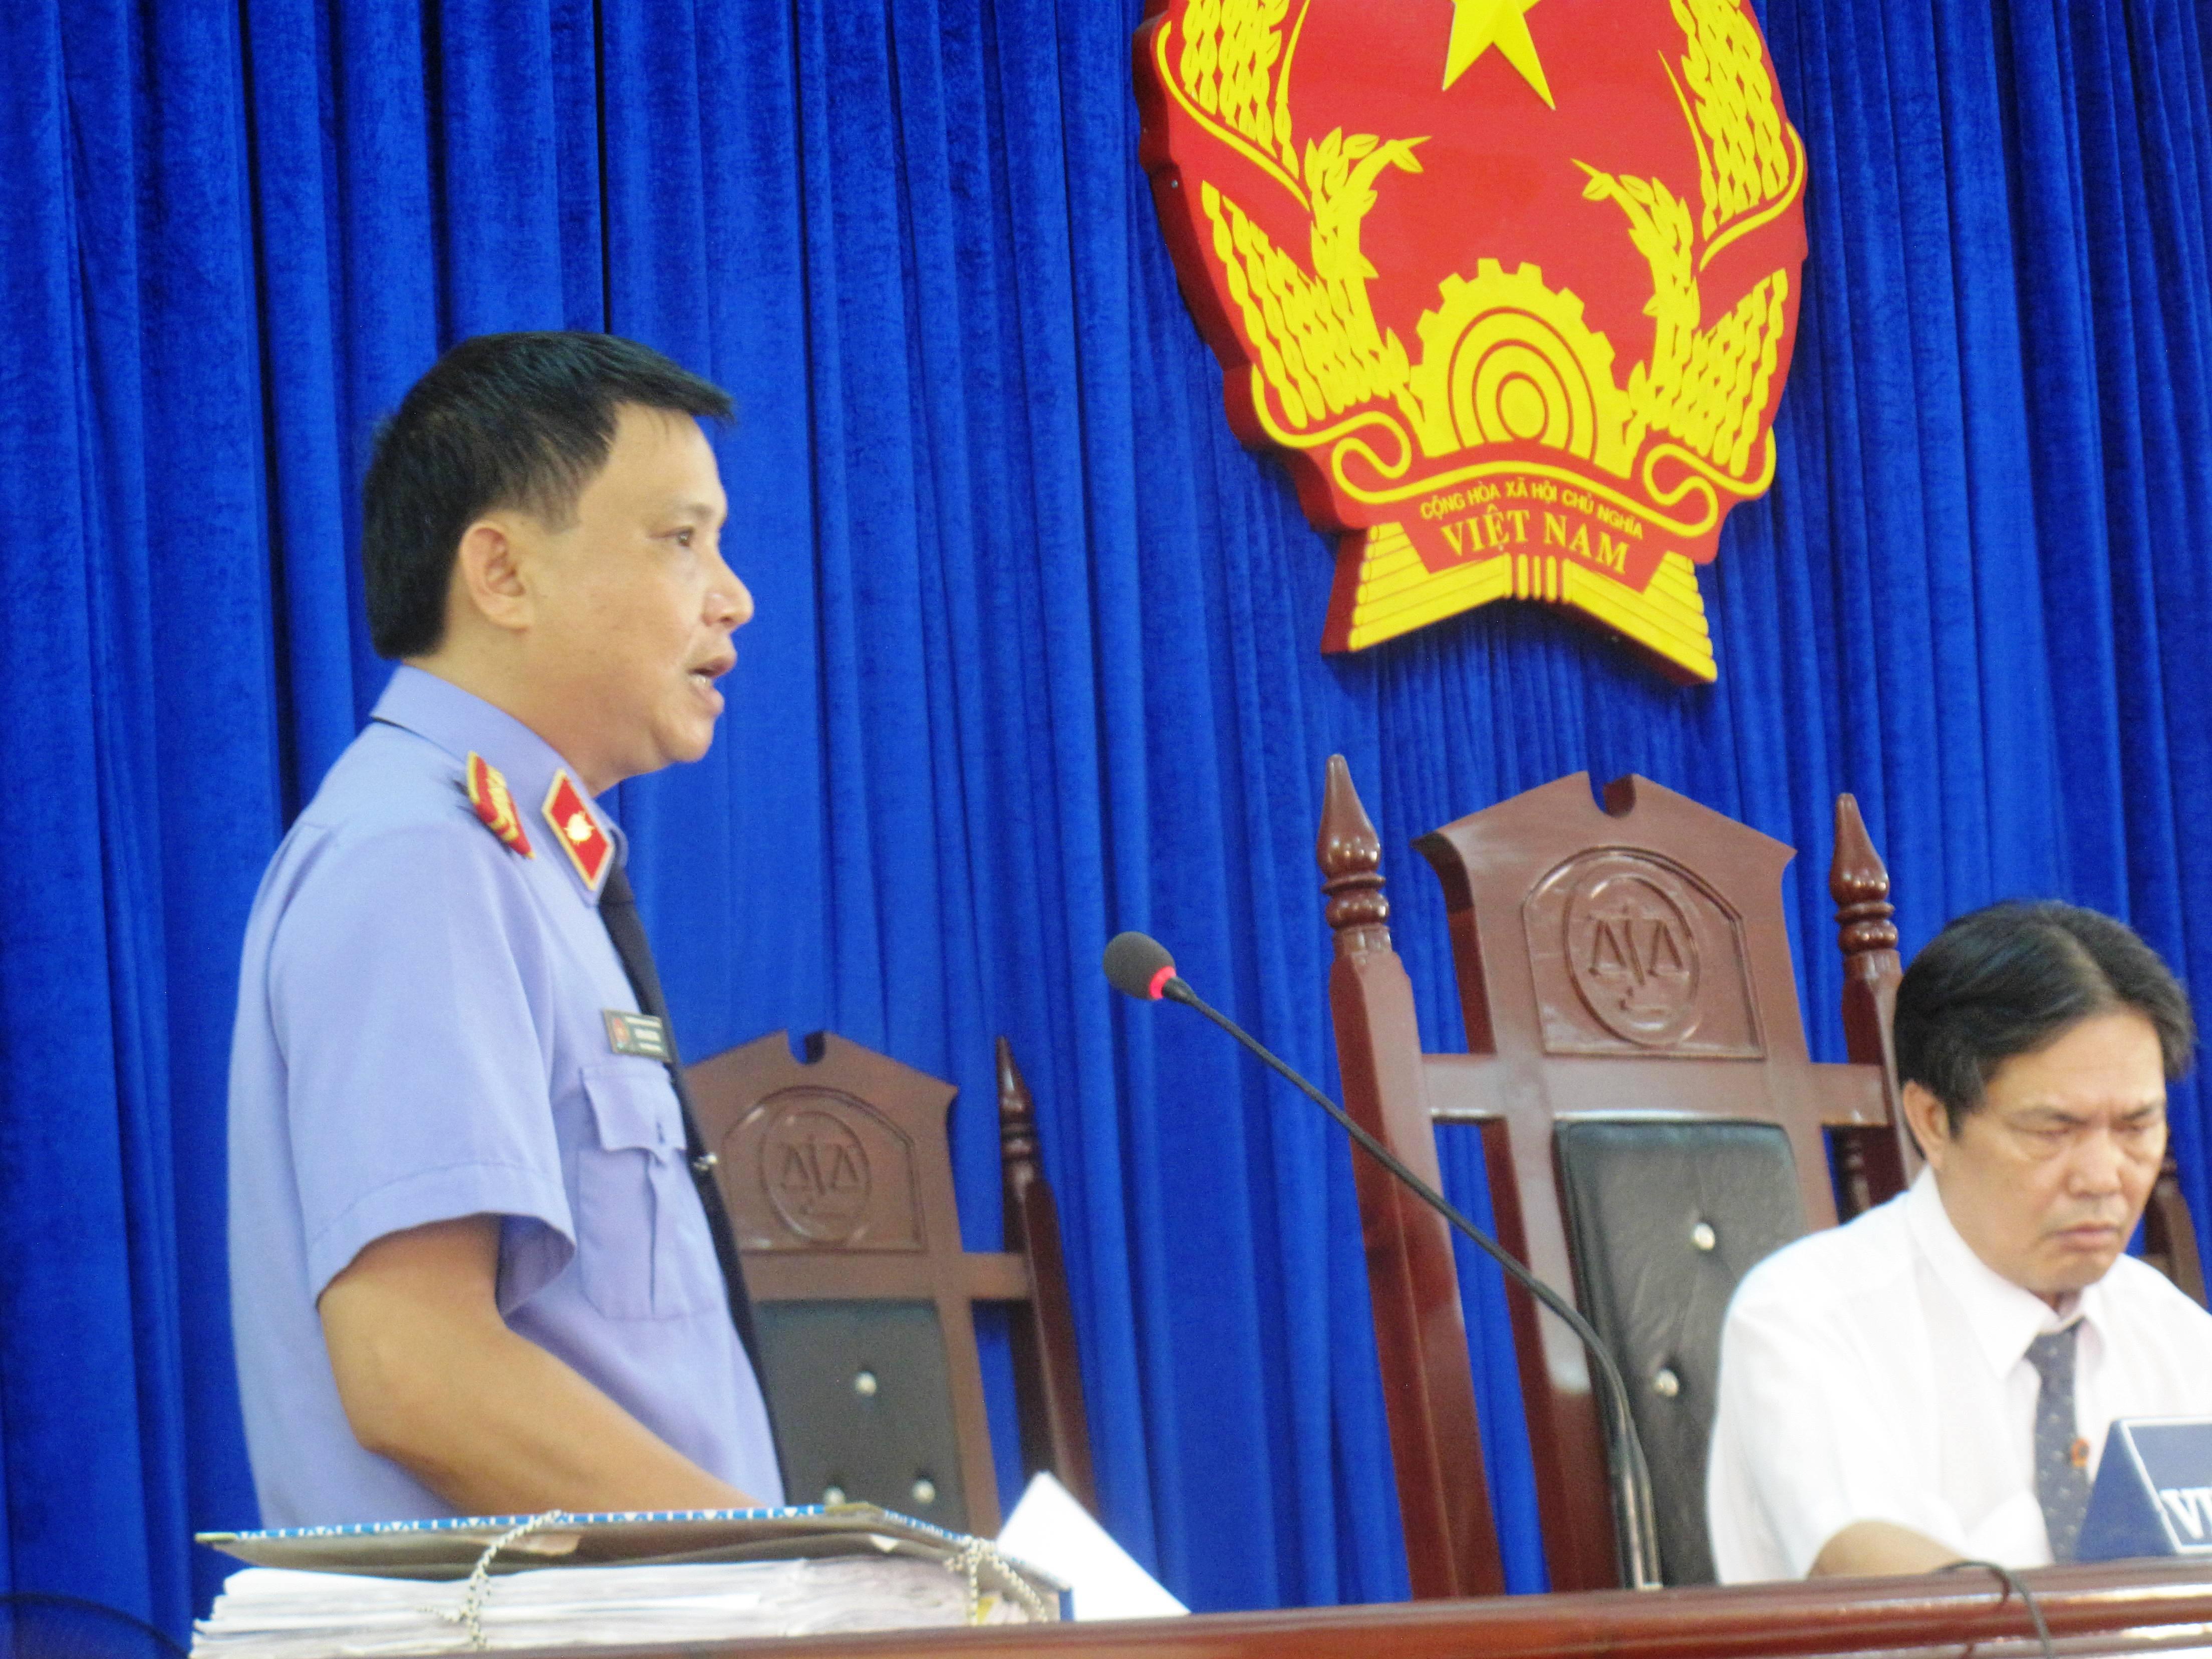 """Kiểm sát viên Huỳnh Văn Tám cho rằng không đủ chứng cứ buộc tội giết người"""" và bắt giữ người trái pháp luật"""" đối với ông Lê Đức Hoàn cũng như không có chứng cứ khởi tố ông Lê Minh Chánh"""